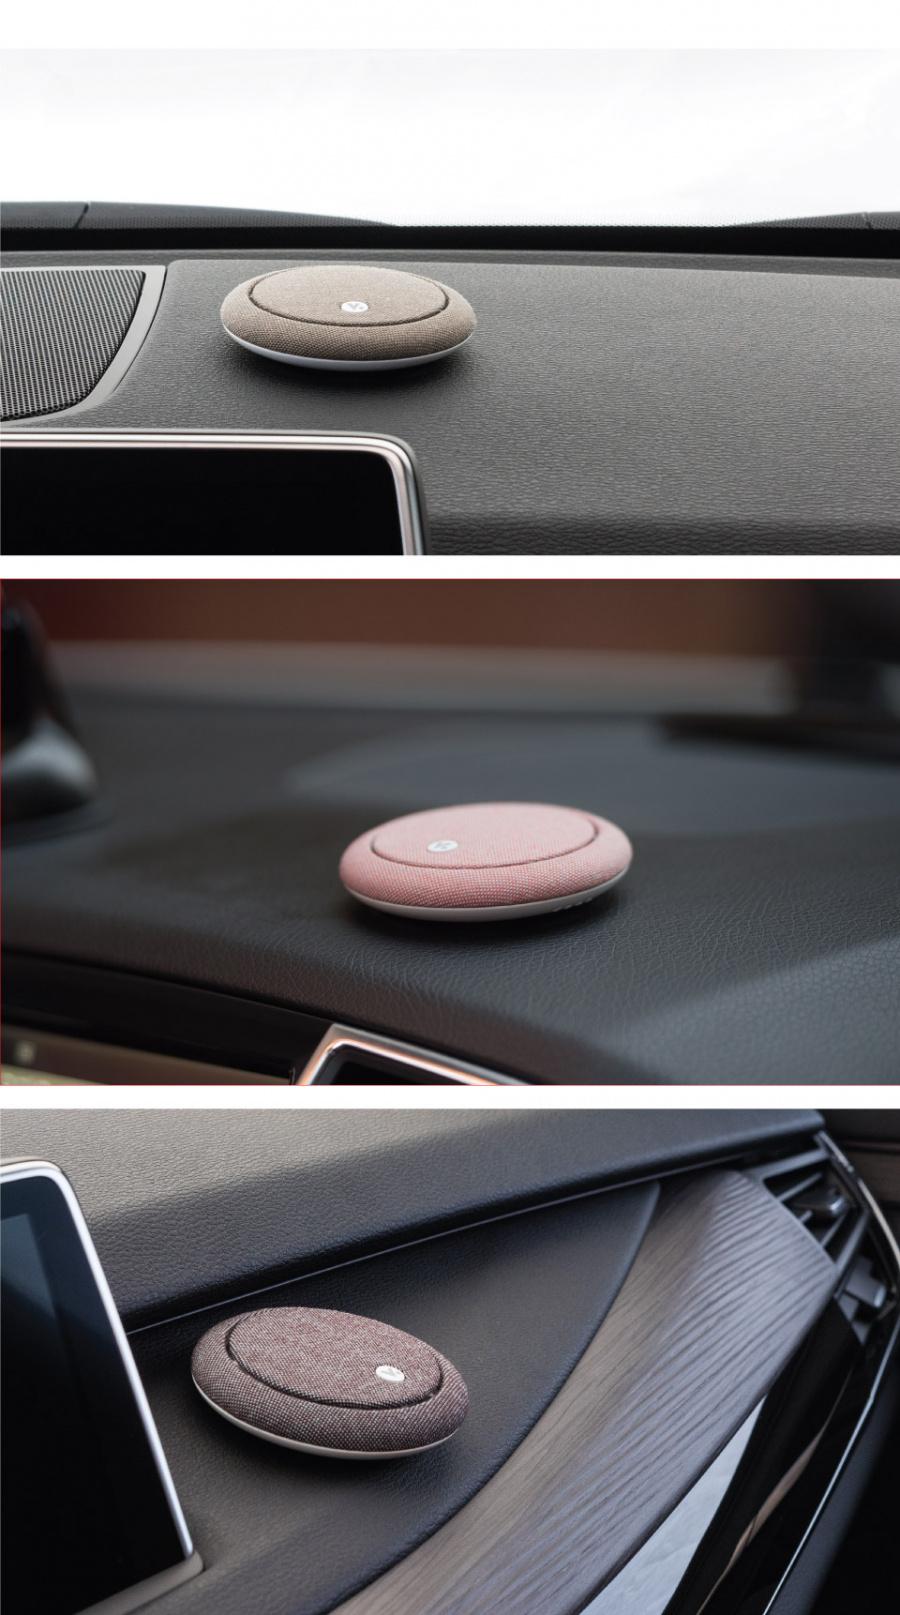 비스틱(VISTIC) 비스틱/차량용 방향제/대시보드타입/핑크/자몽